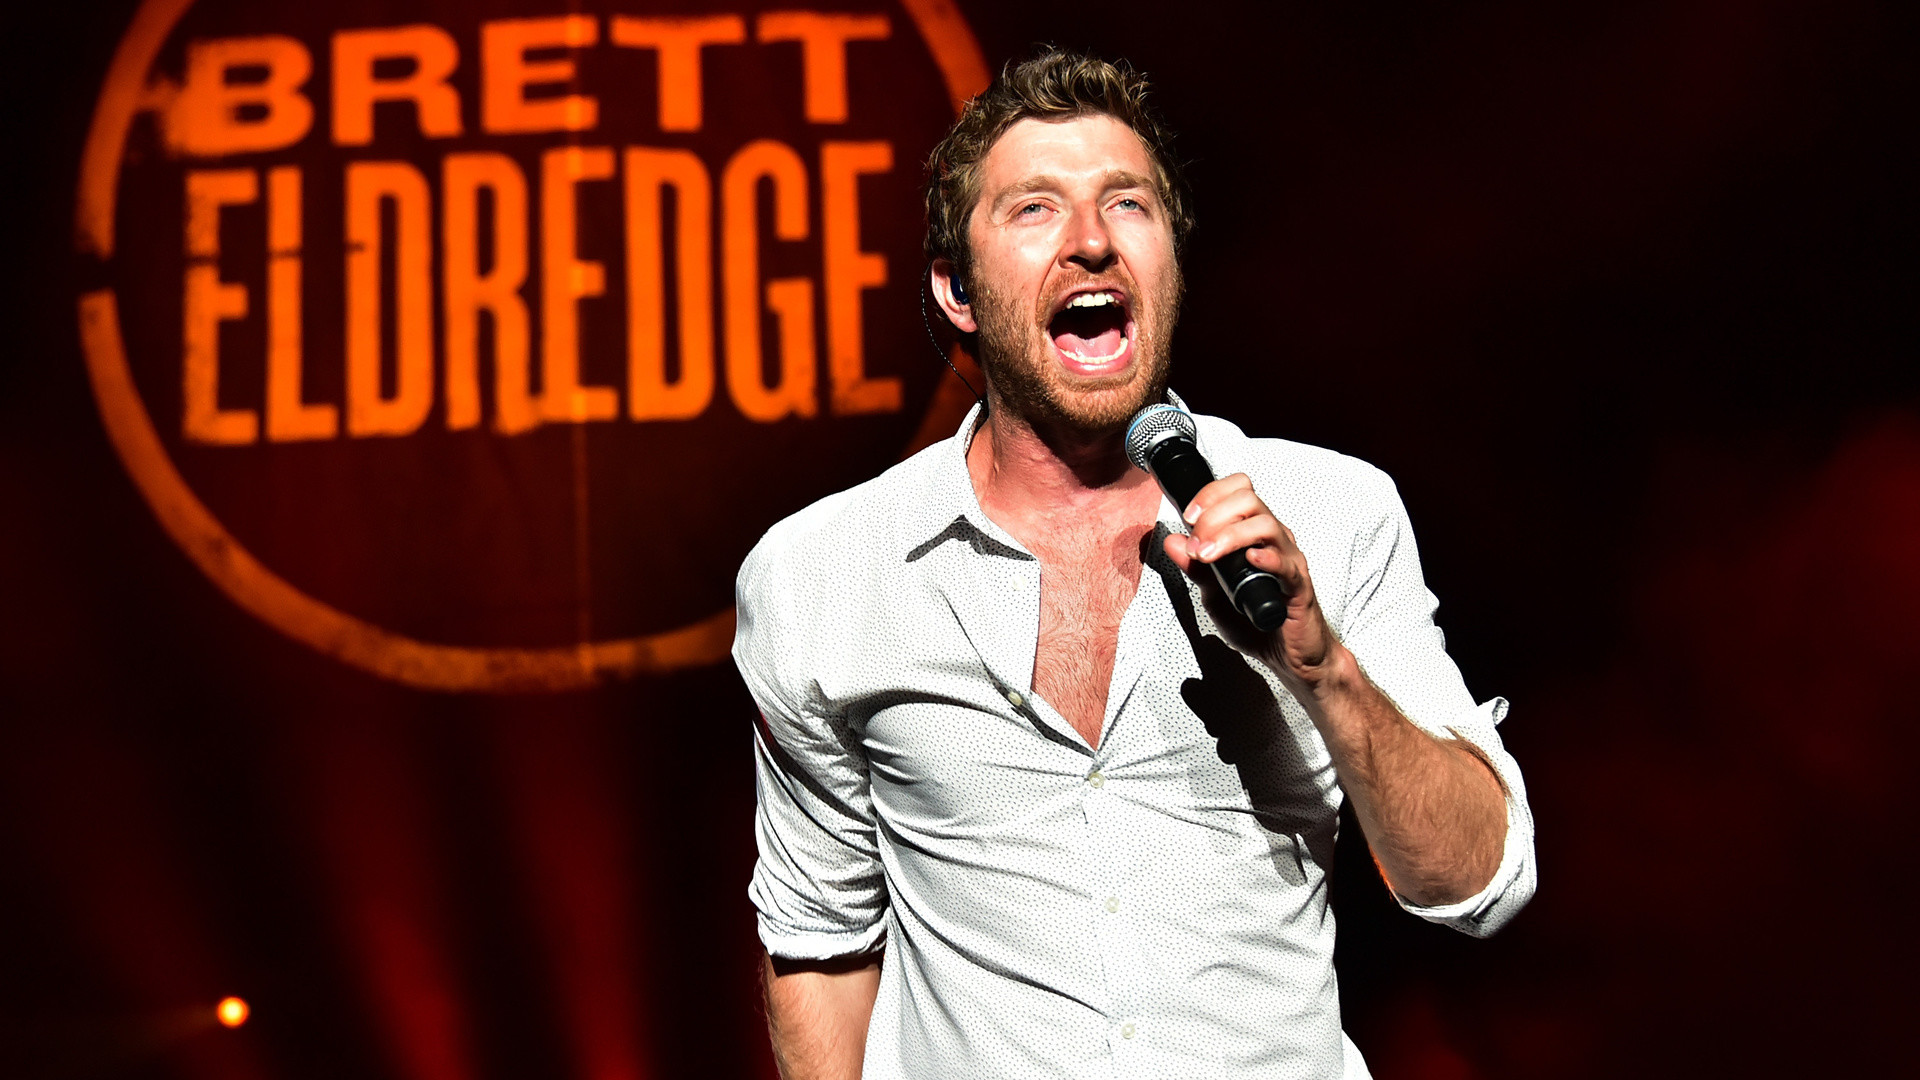 American Singer, Brett Eldredge, Brett Eldredge Country Concert Songs, Country  Music, Music